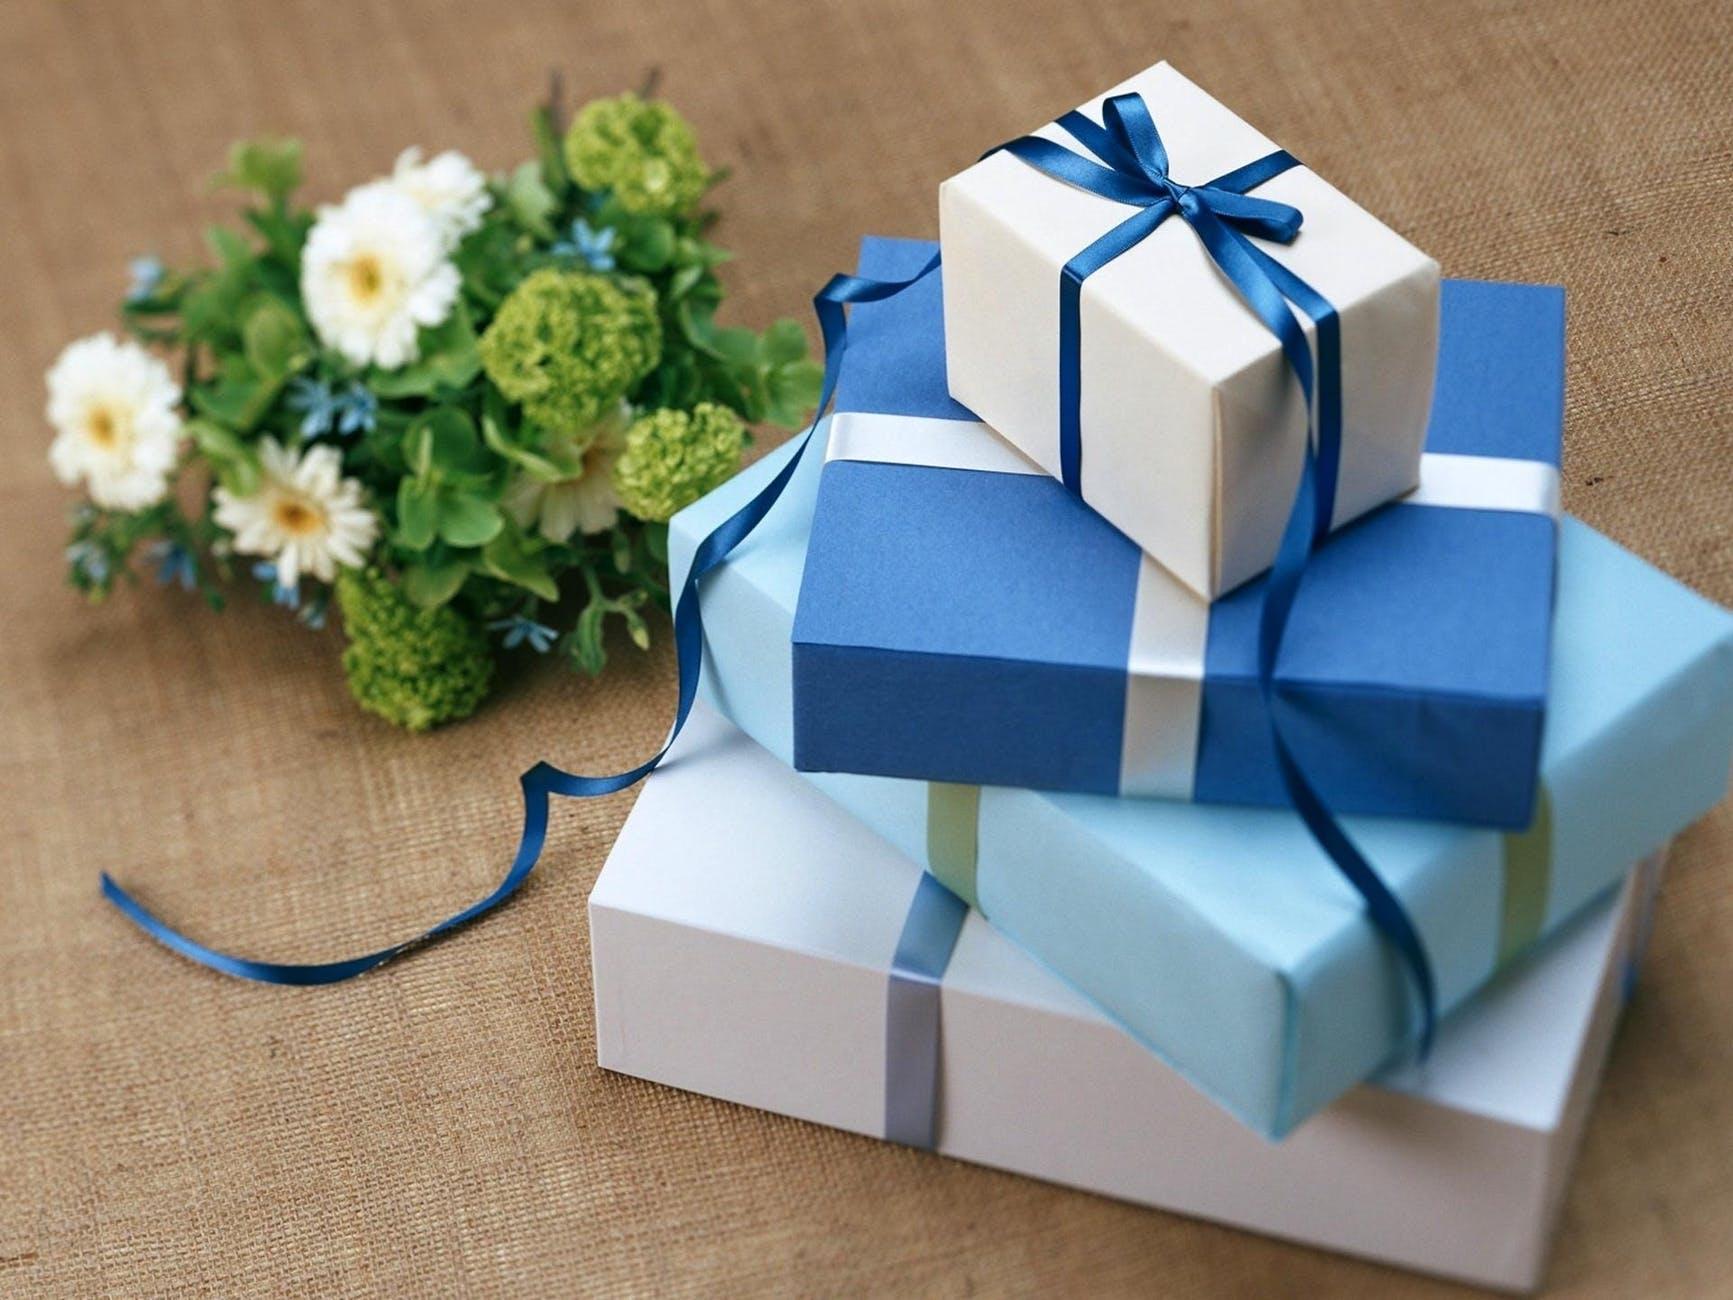 4 הצעות של מתנות מיוחדות לפסח